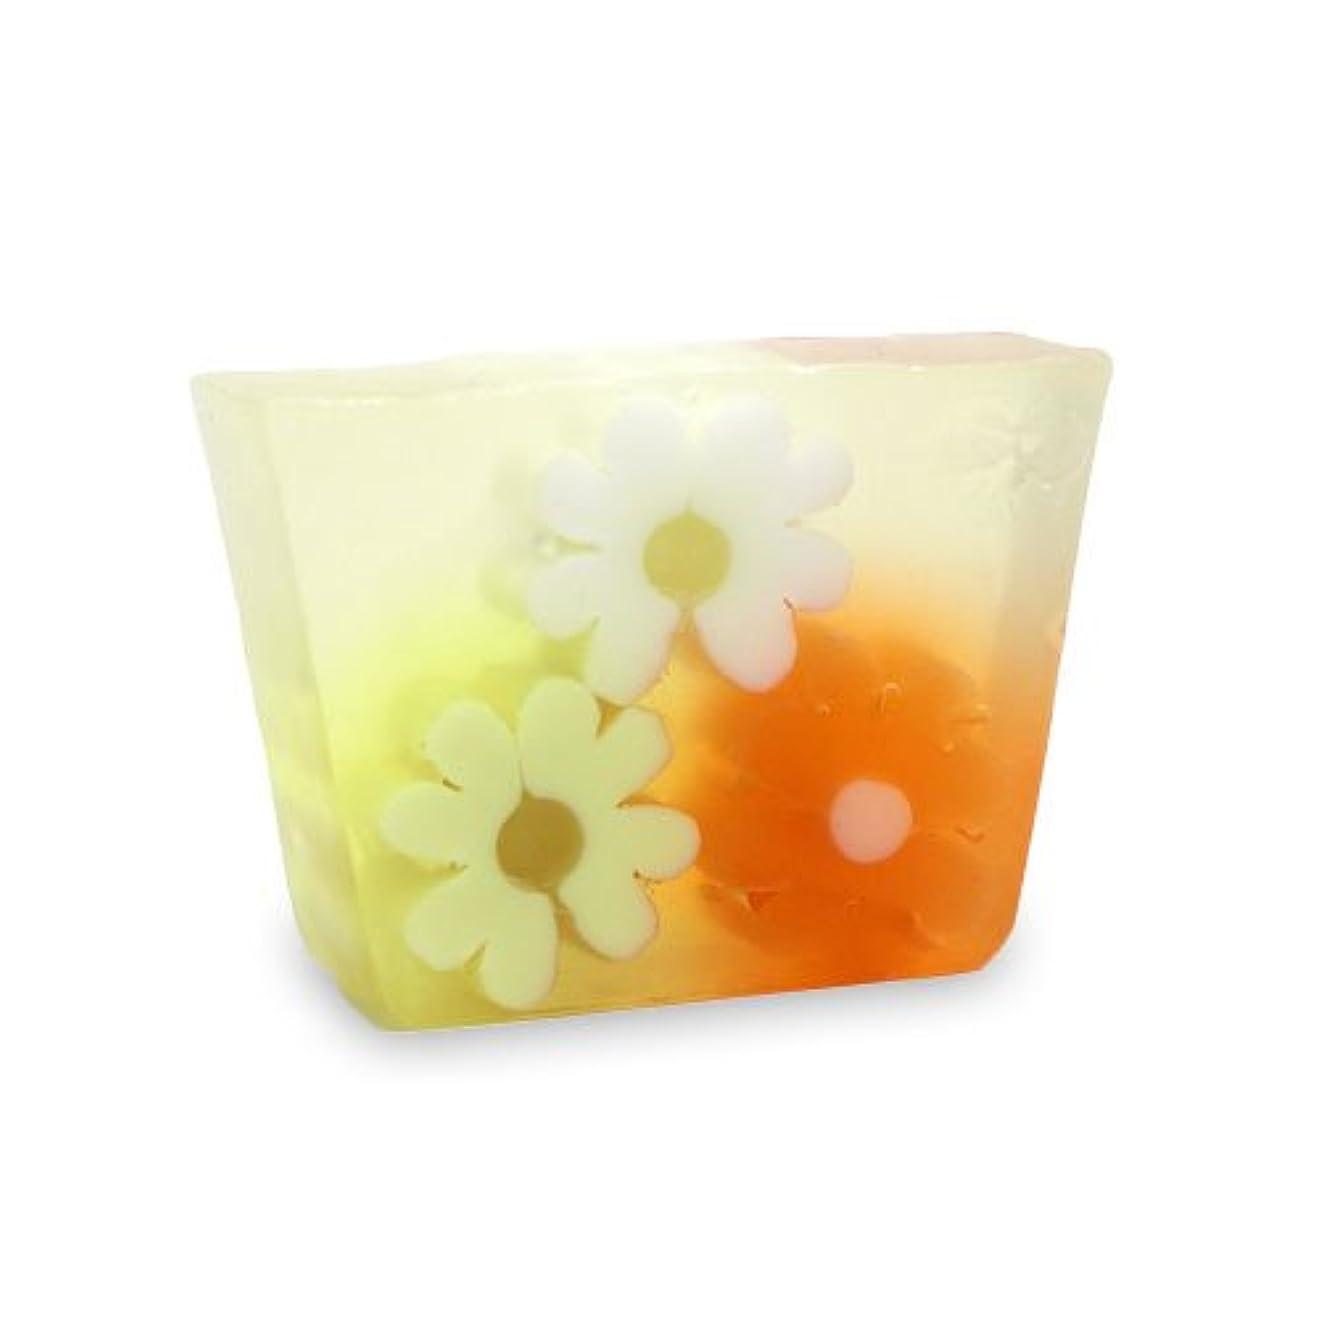 円形ペアキャッシュプライモールエレメンツ アロマティック ミニソープ オレンジフラワーショップ 80g 植物性 ナチュラル 石鹸 無添加